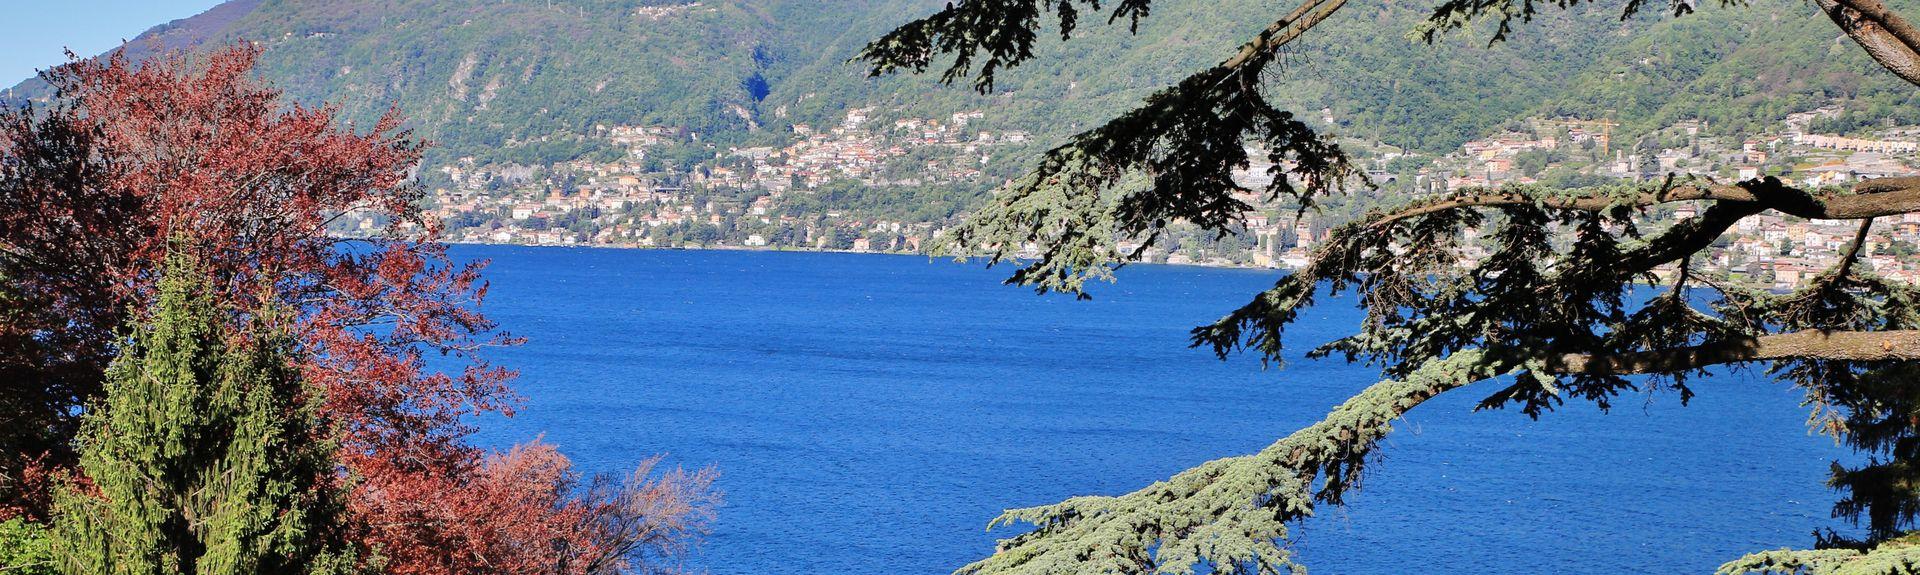 Lurate Caccivio, Lombardia, Itália